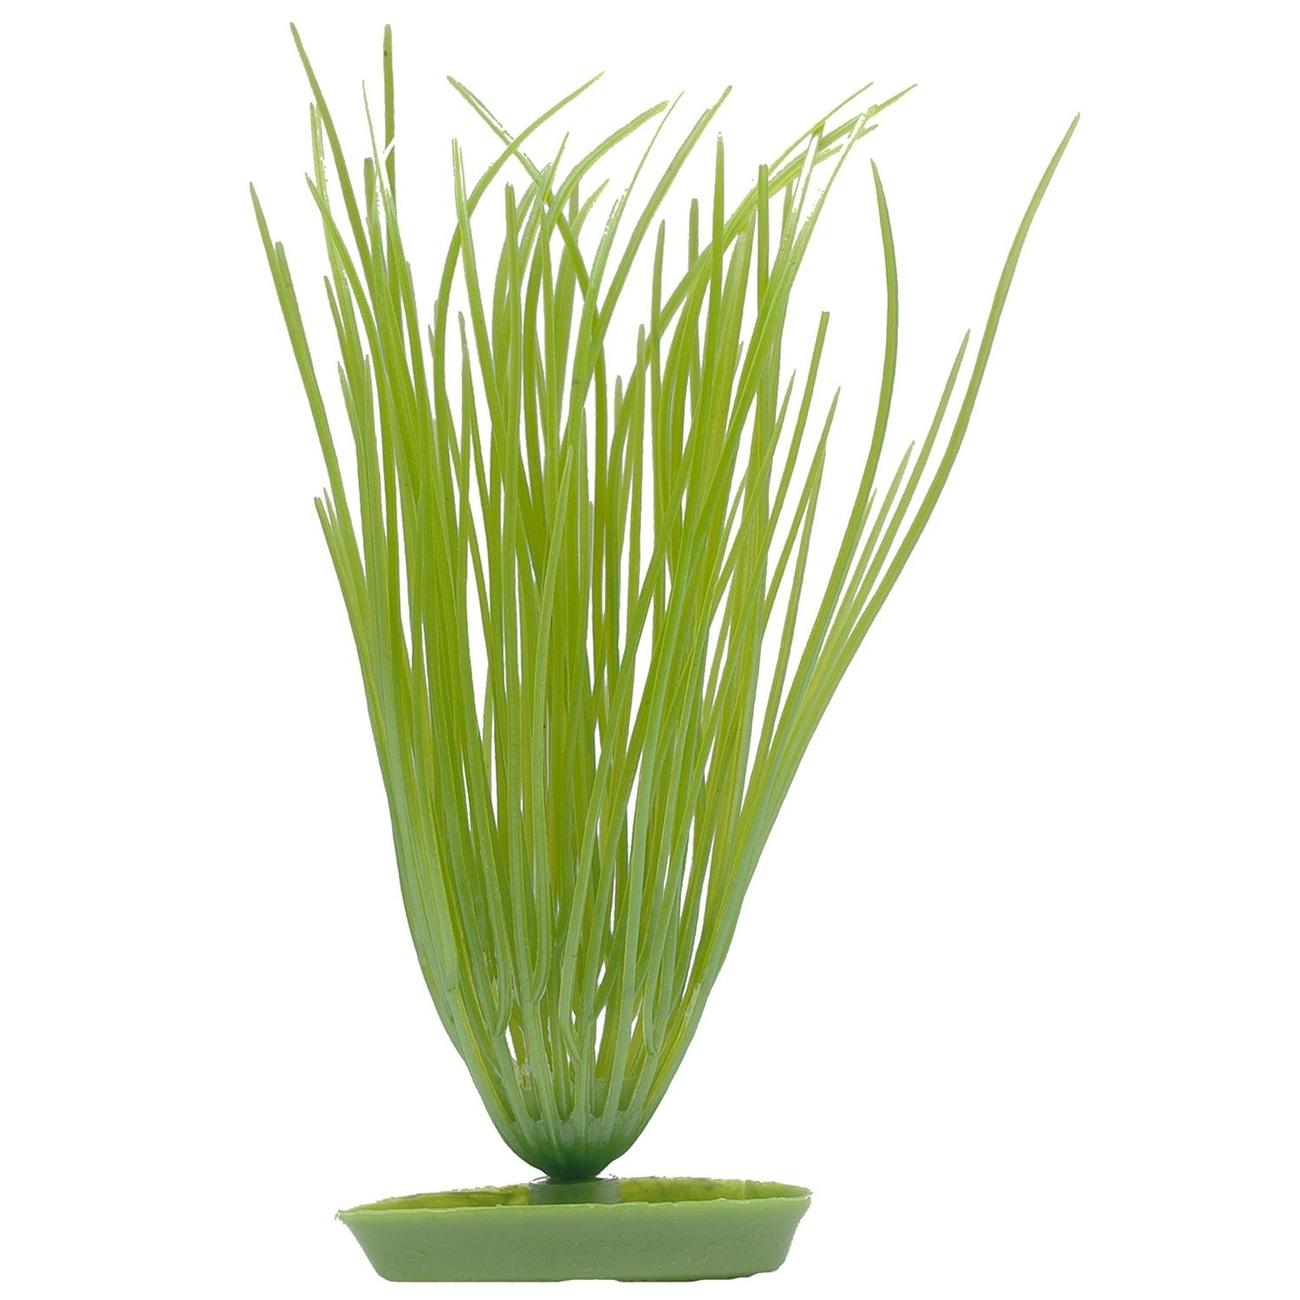 Marina Aquascaper Pflanzen bis 20 cm, Bild 6